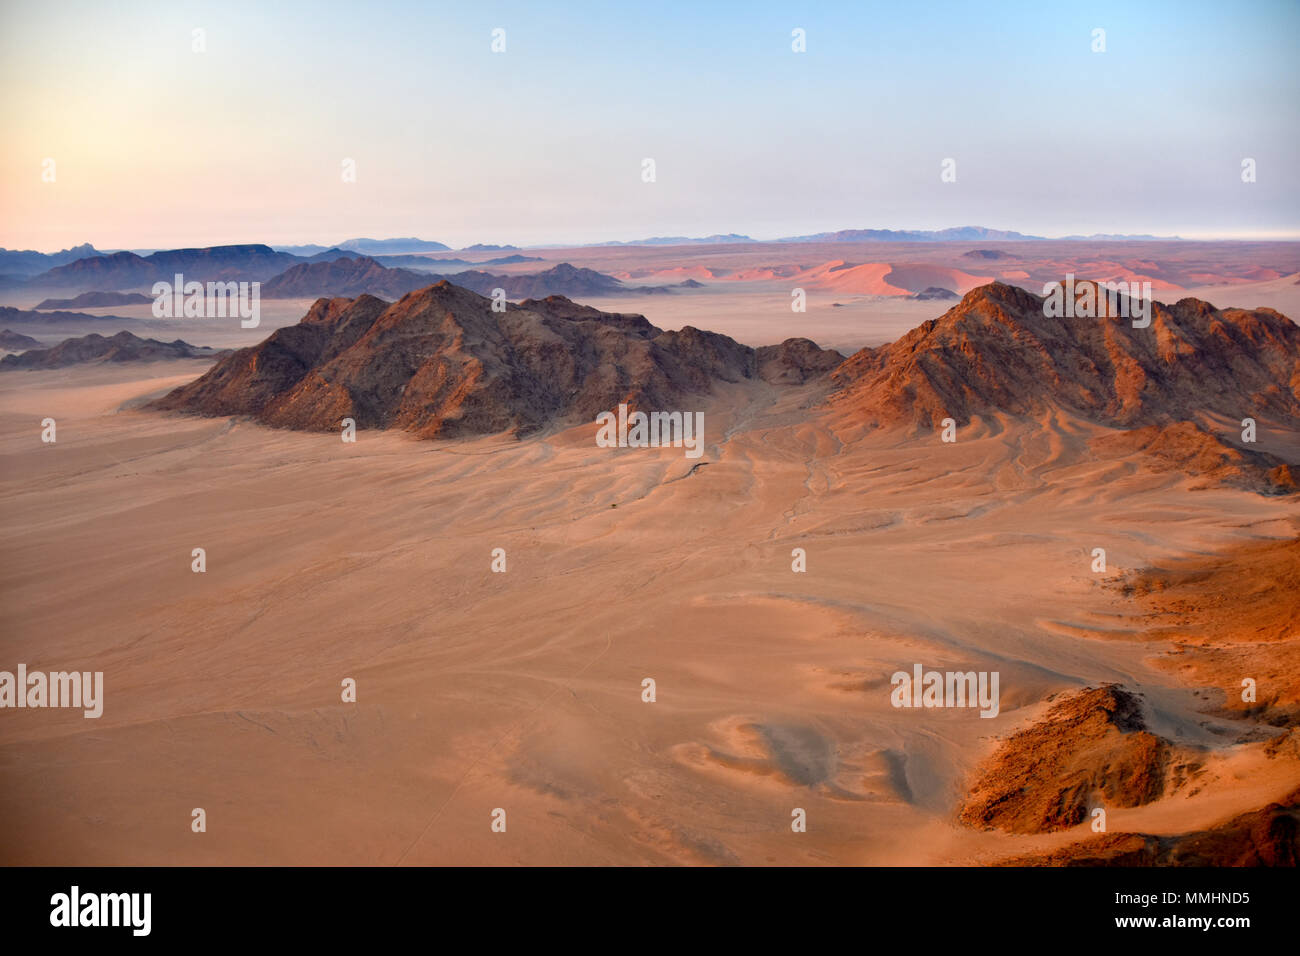 Les montagnes et les dunes de sable rouge du désert du Namib à l'aube, Namib-Naukluft National Park, région de Sossusvlei, Sesriem, Namibie Photo Stock